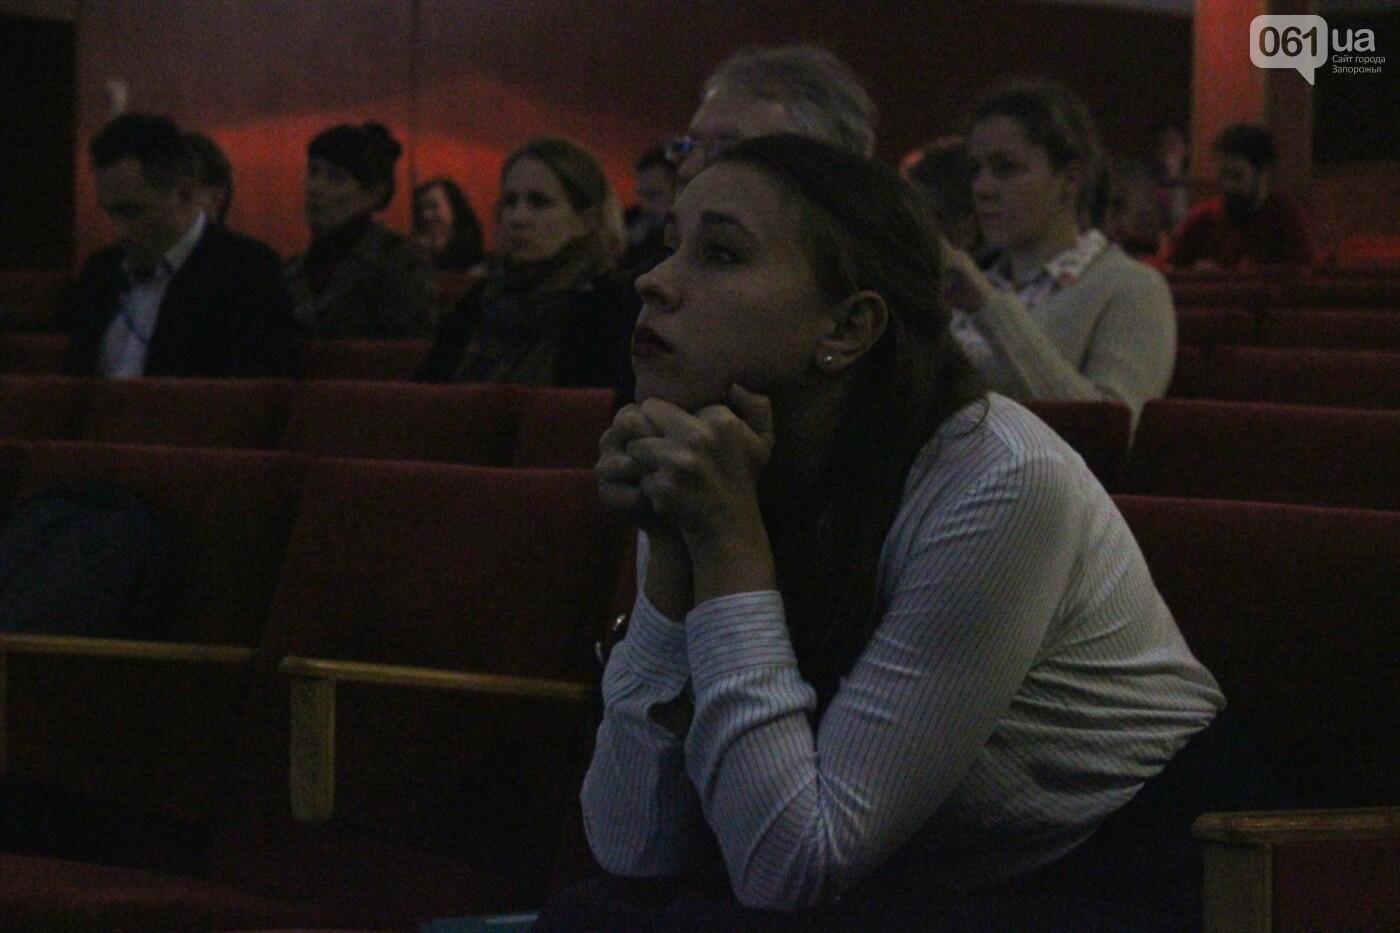 Спасти Соцгород: немецкие и украинские архитекторы подписали резолюцию для запорожской власти, - ФОТОРЕПОРТАЖ, фото-11